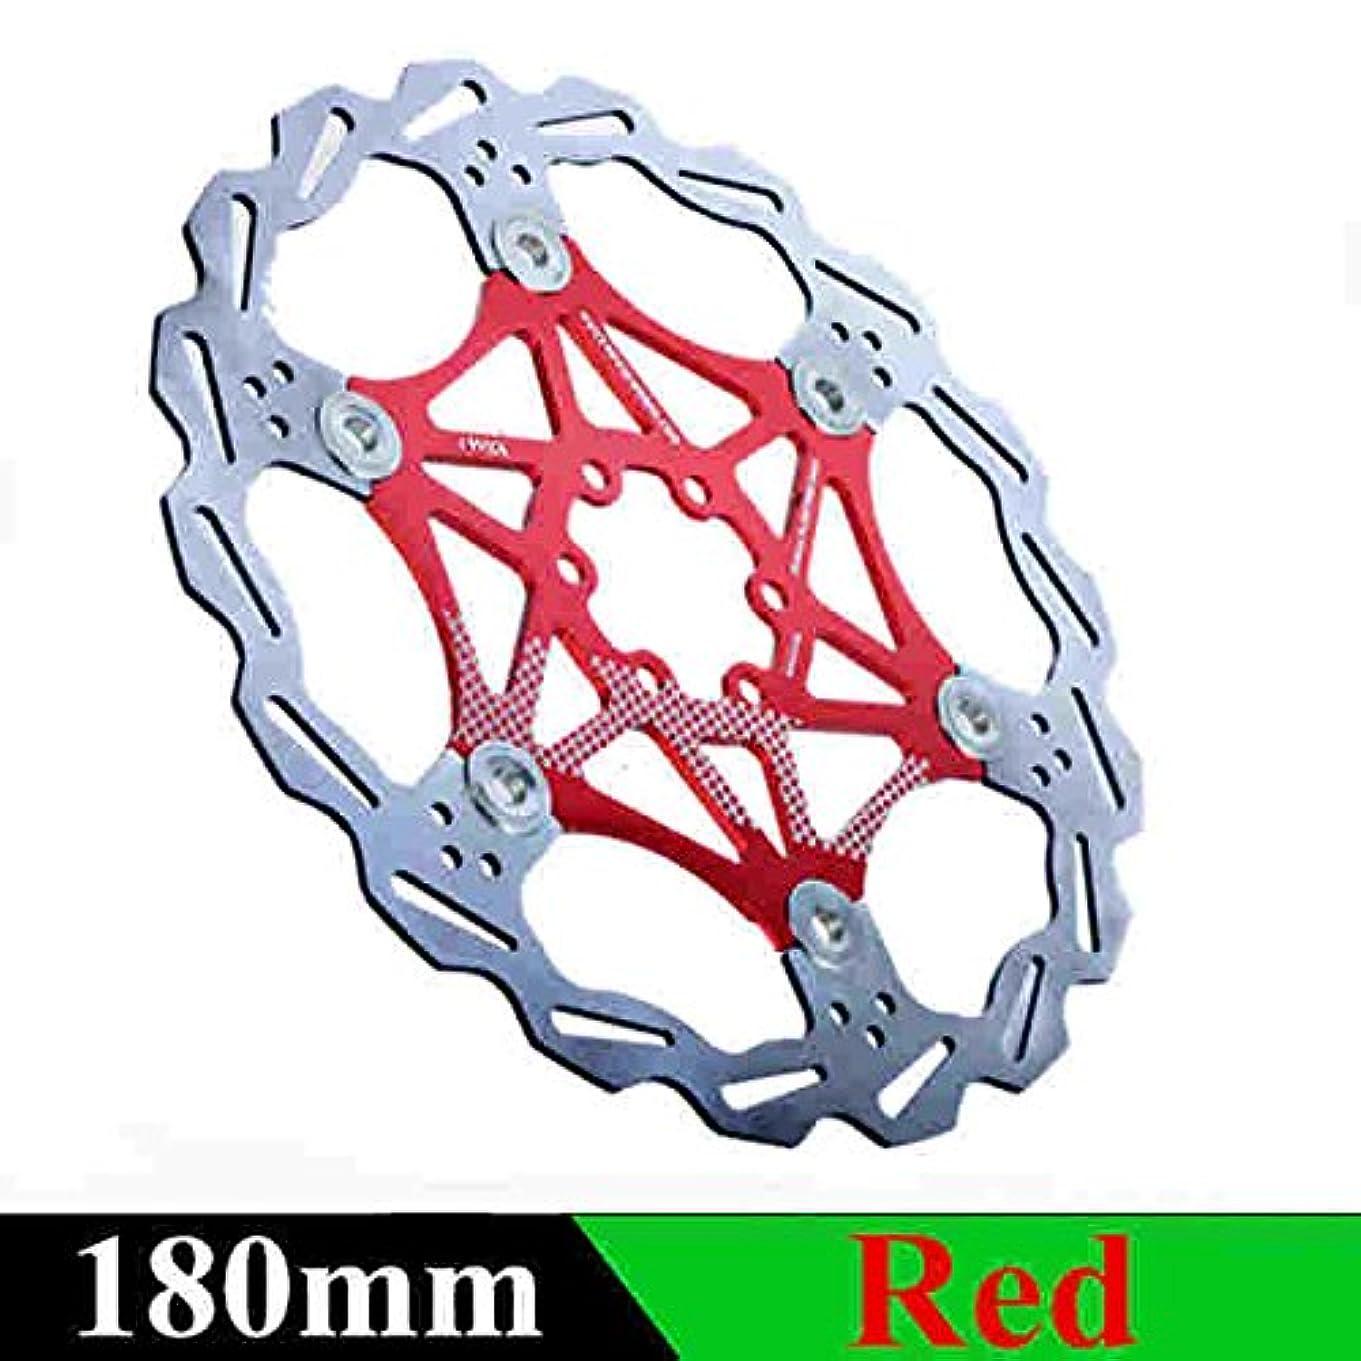 夜明け肥満バスPropenary - 自転車ディスクブレーキDHブレーキフロートは、ディスクローターをフローティング160ミリメートル/ 180ミリメートル/ 203ミリメートルHydreaulicブレーキパッドフロートローター自転車パーツ[180ミリメートルレッド]